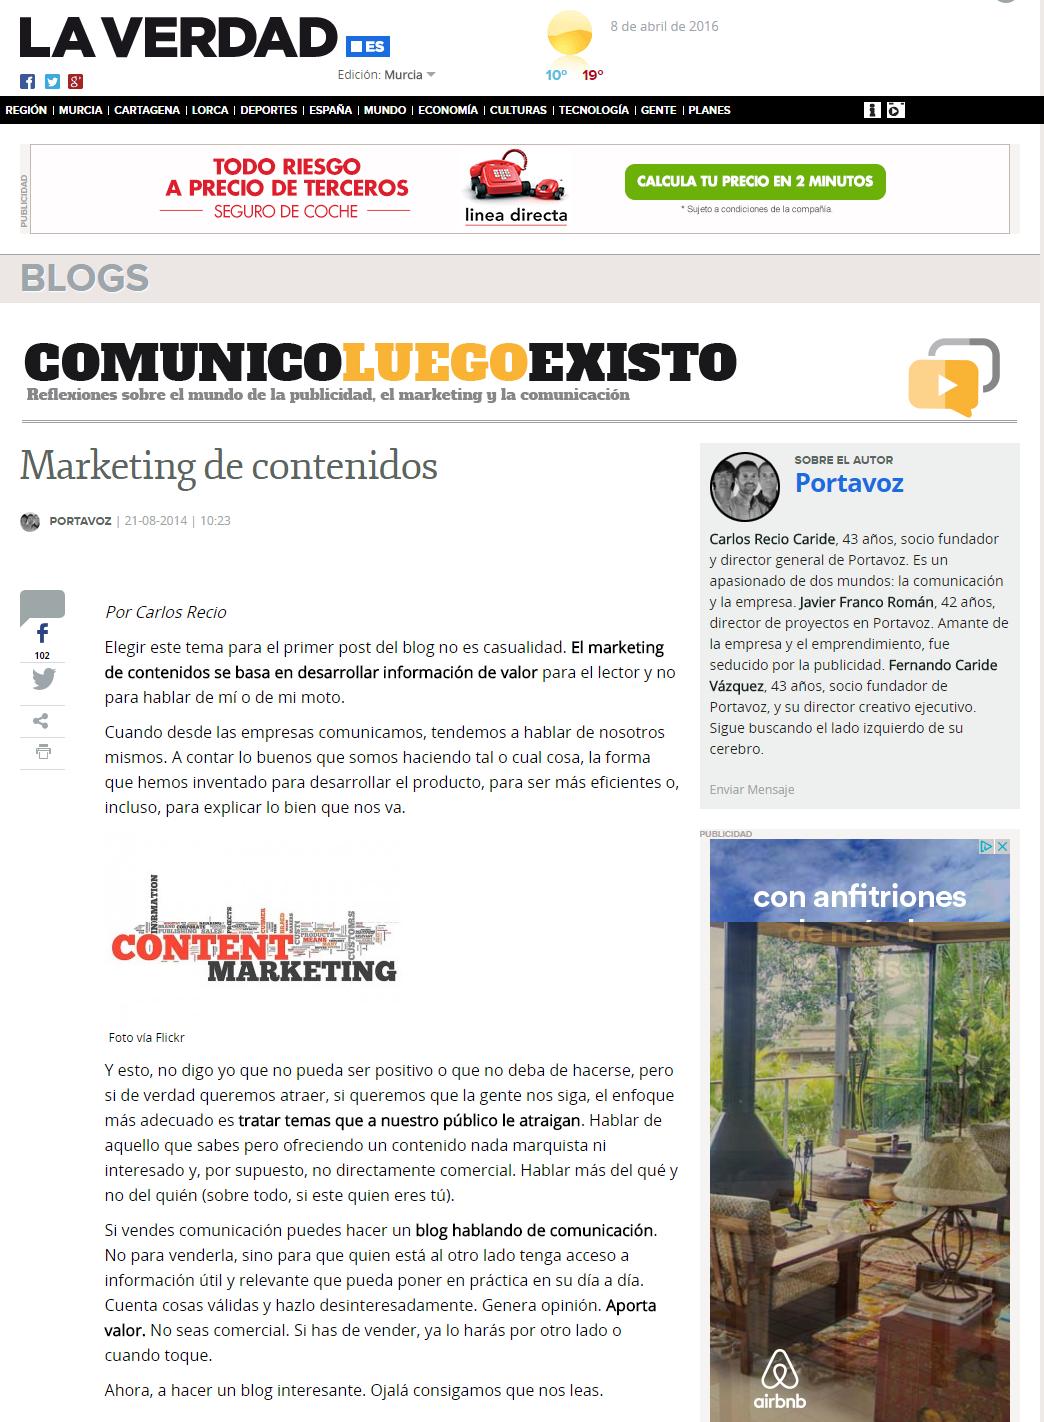 FireShot Capture 99 - Marketing de contenidos I Comunico, lu_ - http___blogs.laverdad.es_comunicol